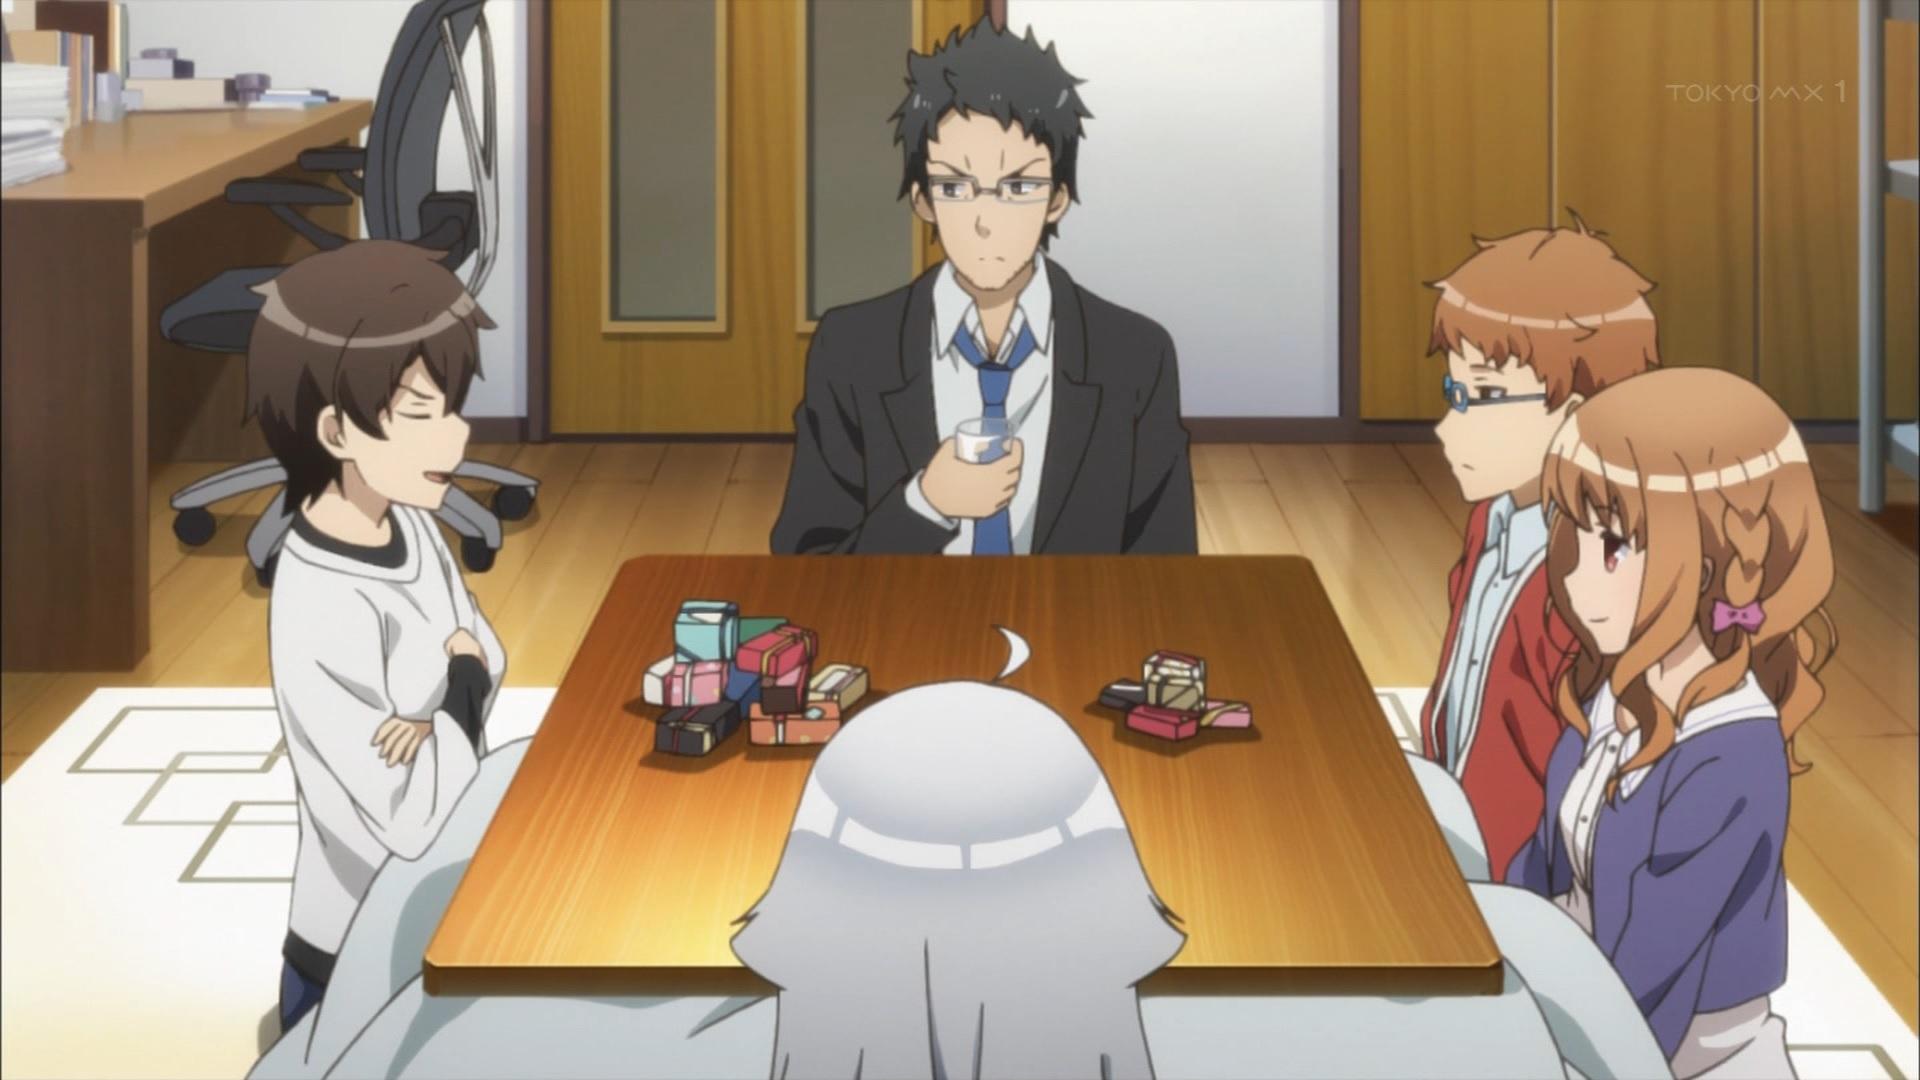 バレンタインチョコを貰う羽島伊月と不破春斗